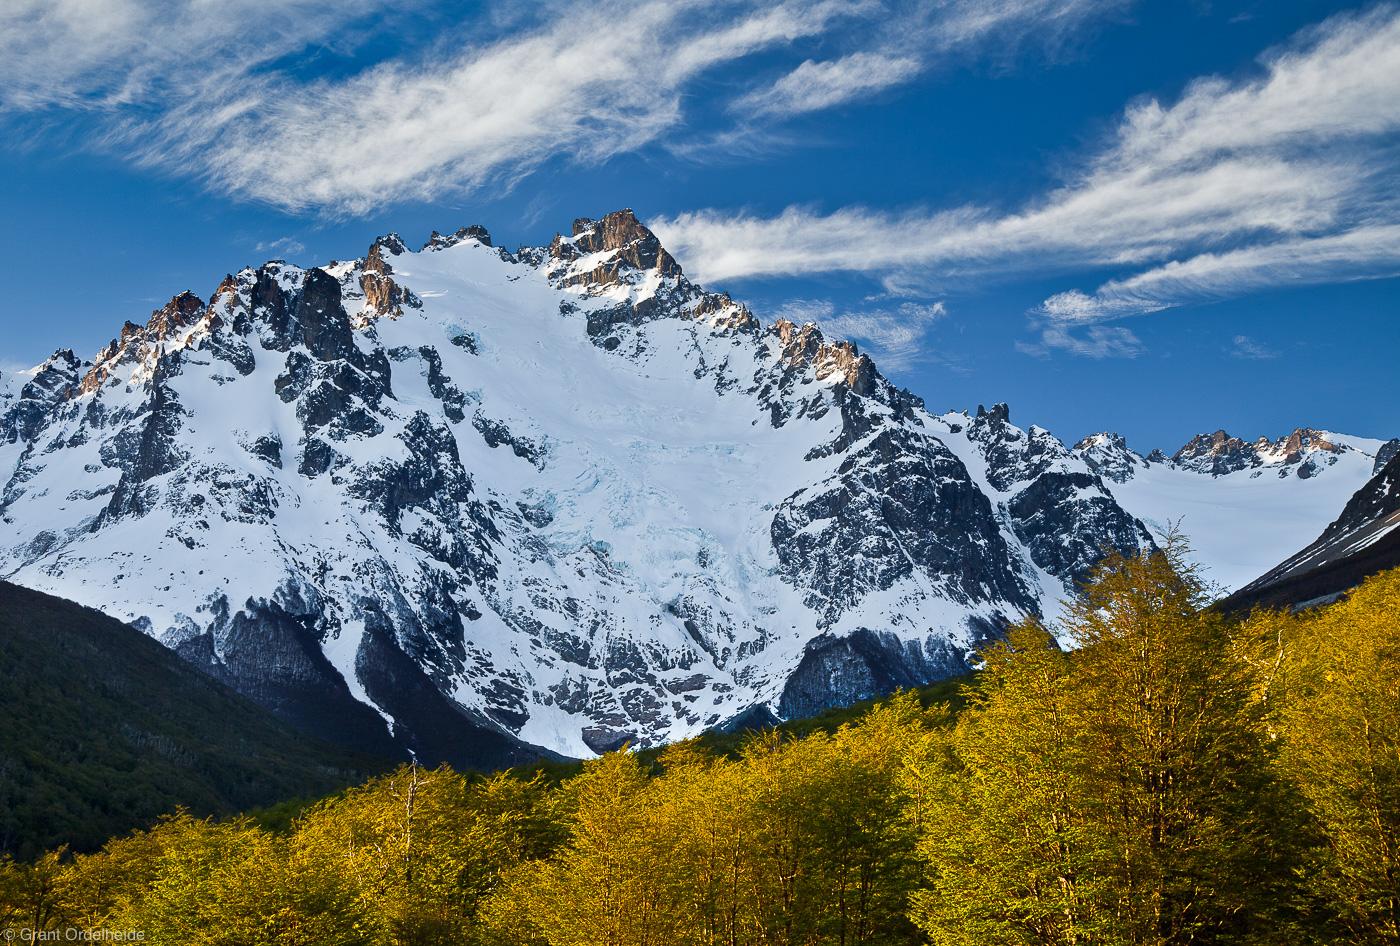 cerro, castillo, Cerro Peñon, national, reserve, coyhaique, peak, lenga, trees, spring, tall, photo